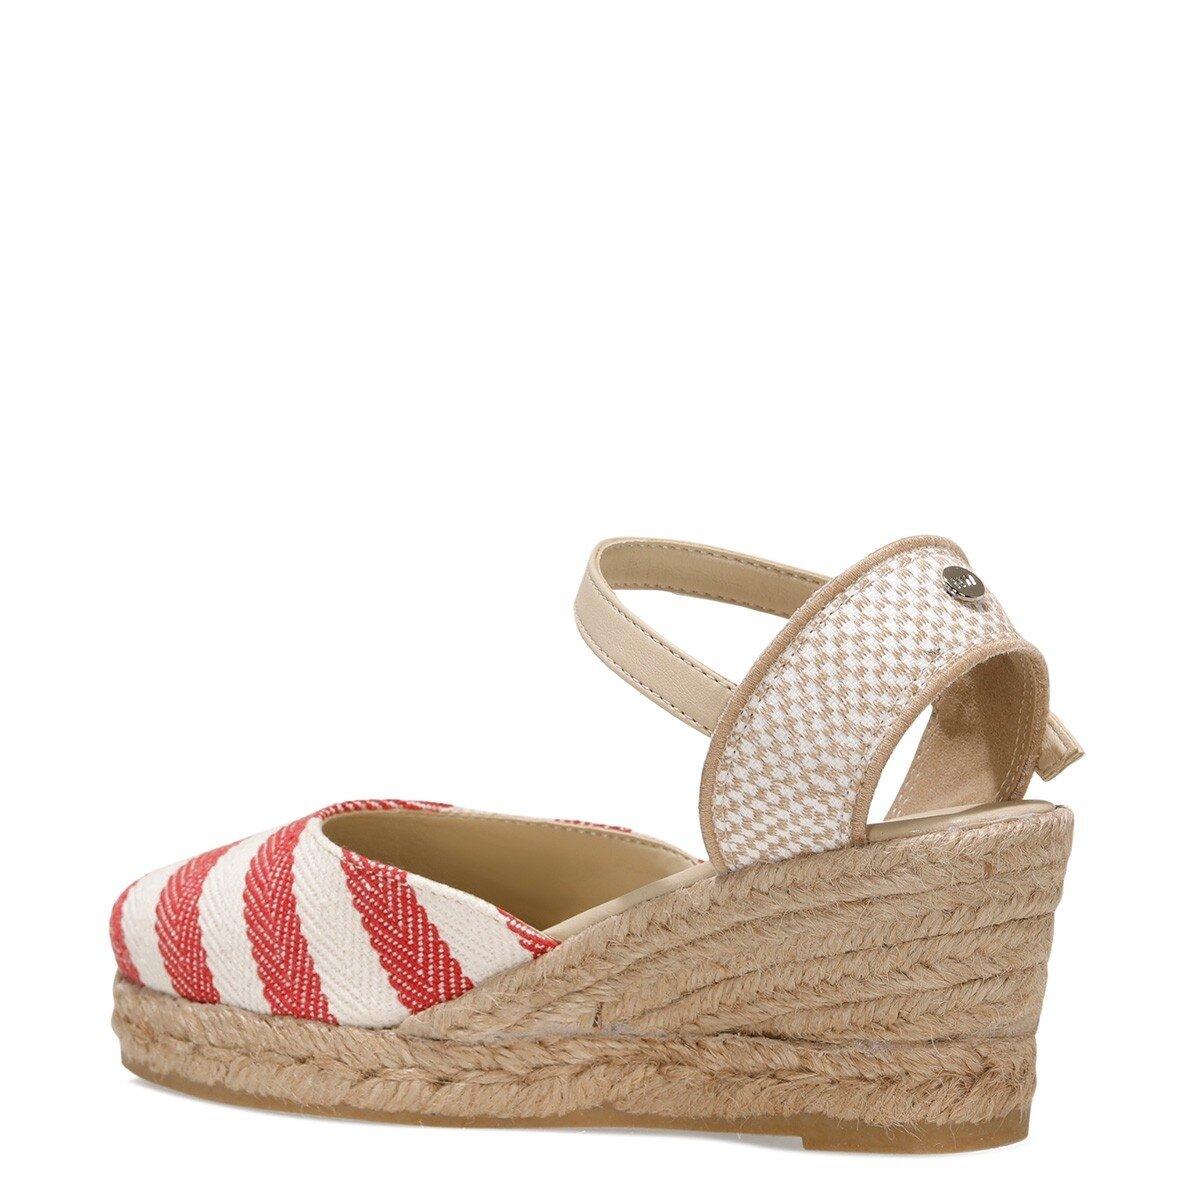 MARYWAY 1FX Kırmızı Kadın Espadril Ayakkabı